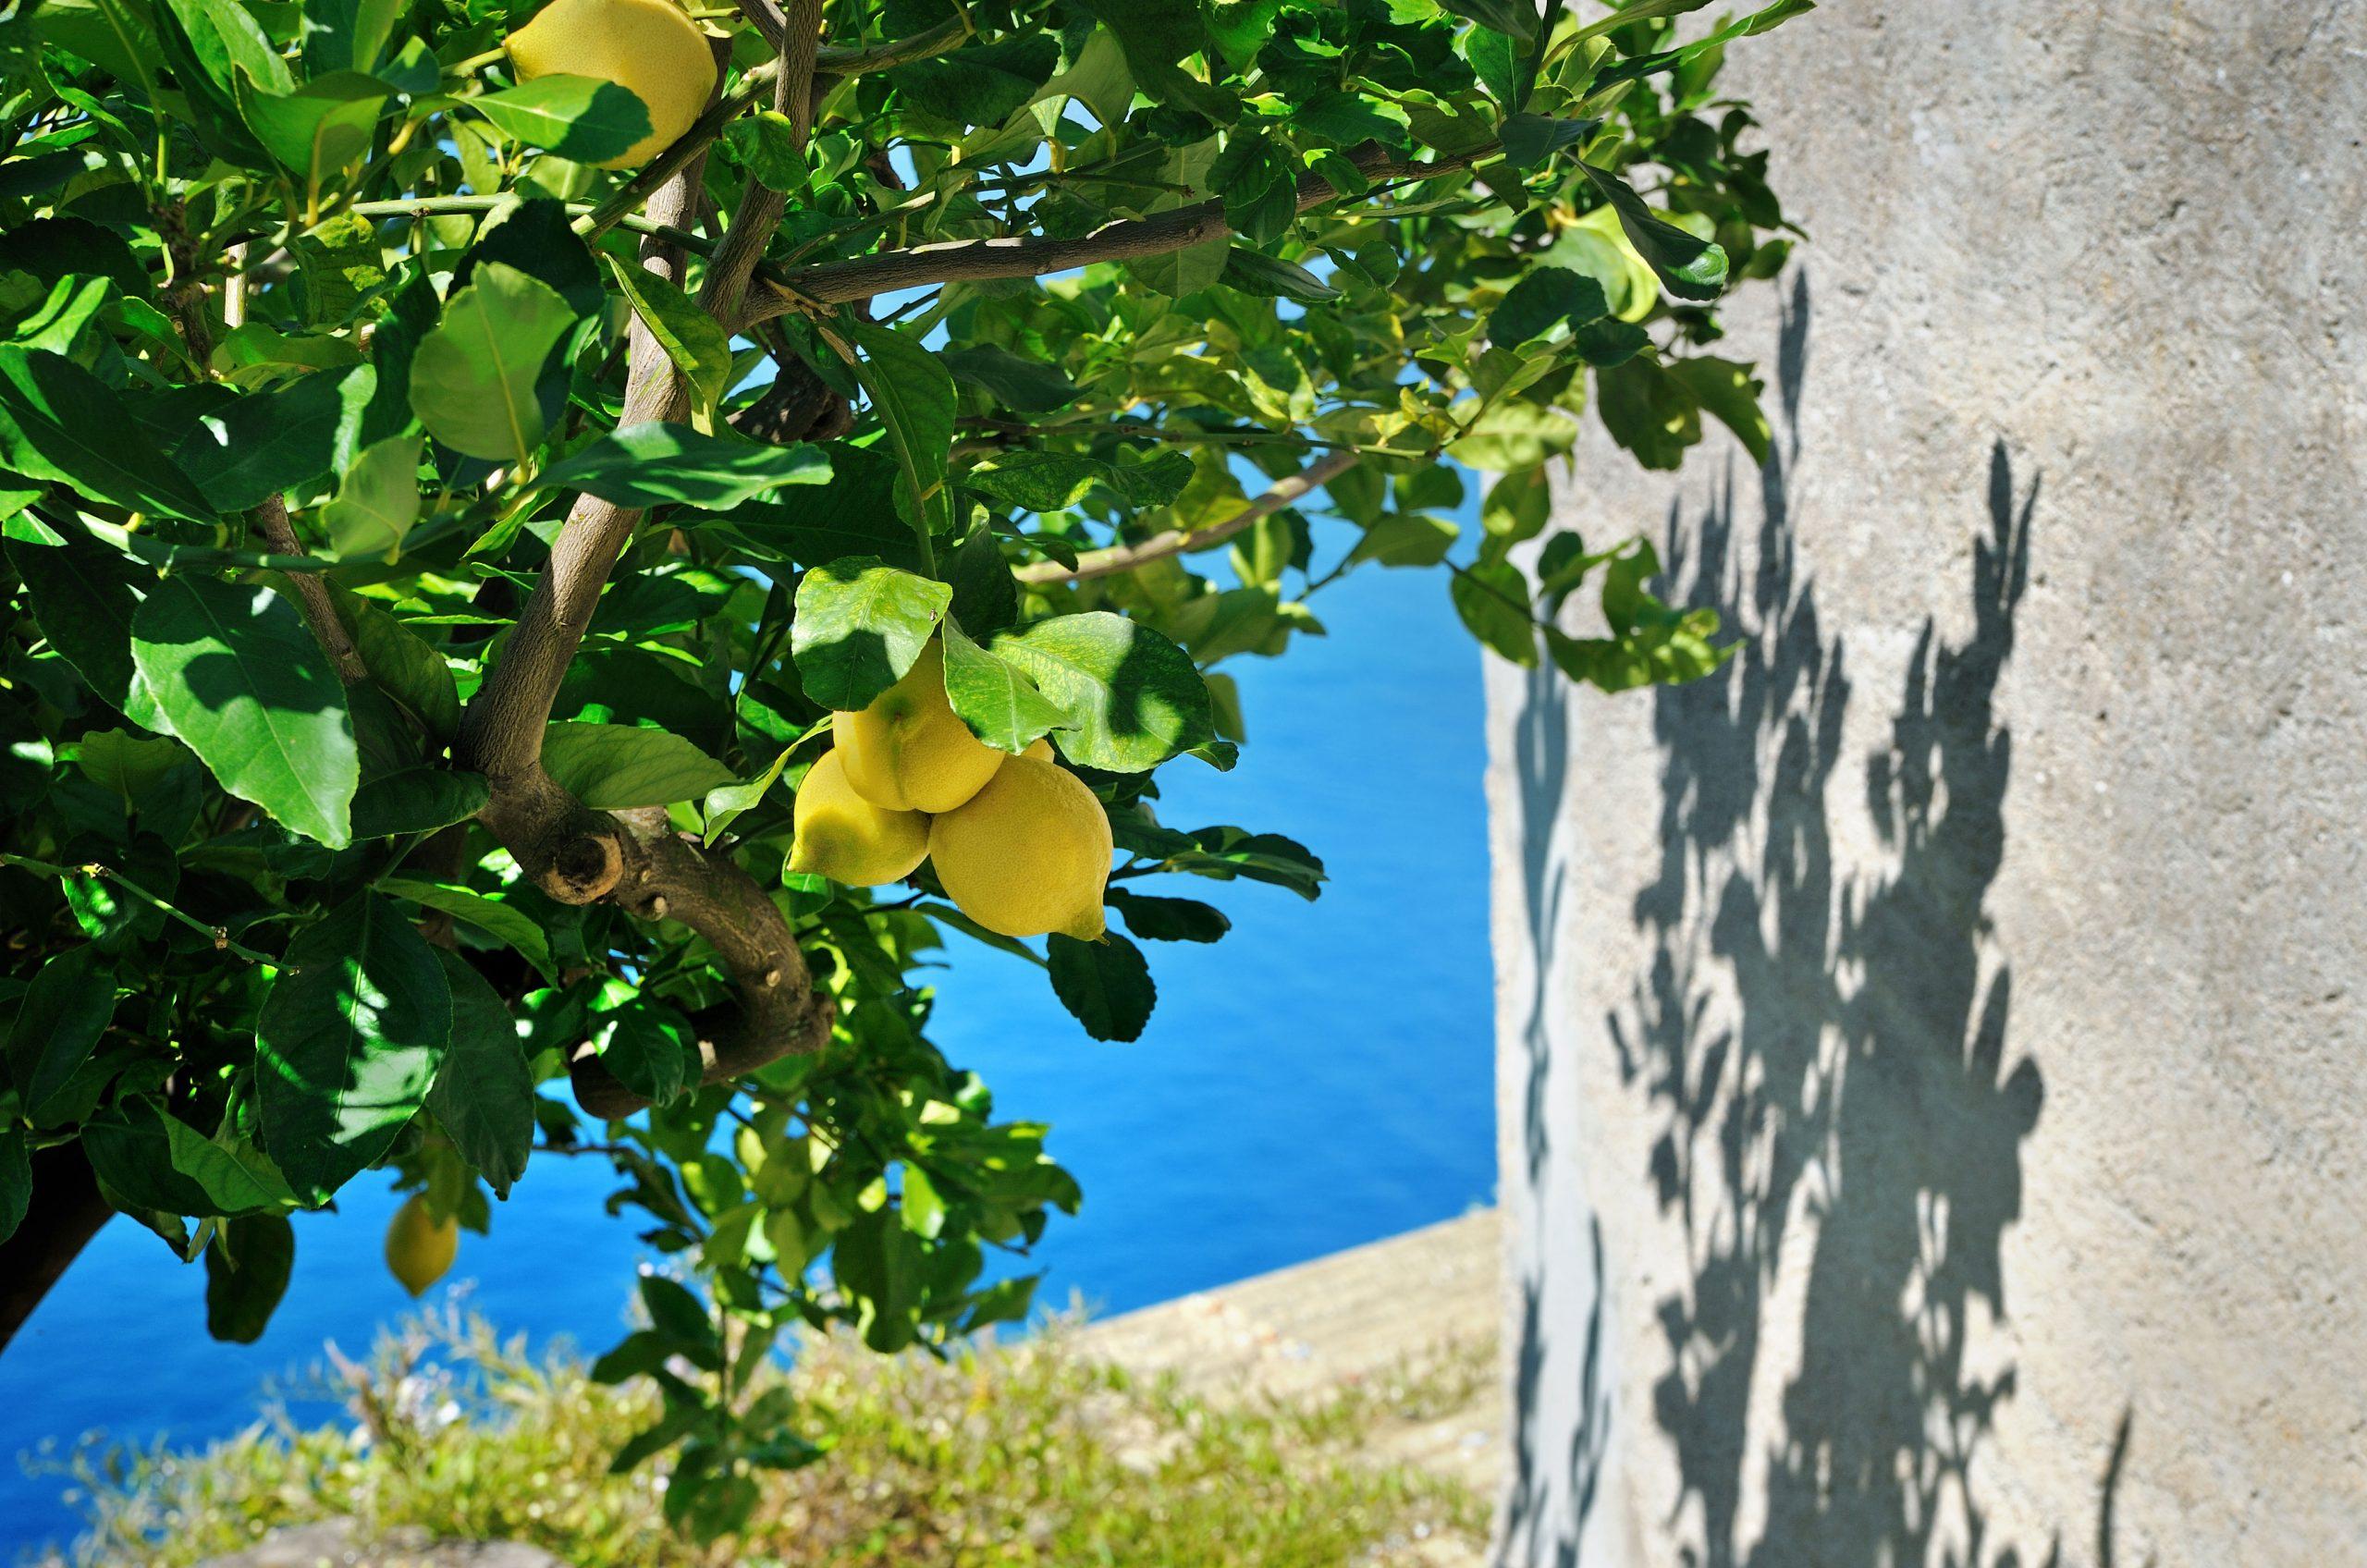 Primavera-in-Liguria-Albero-di-Limoni